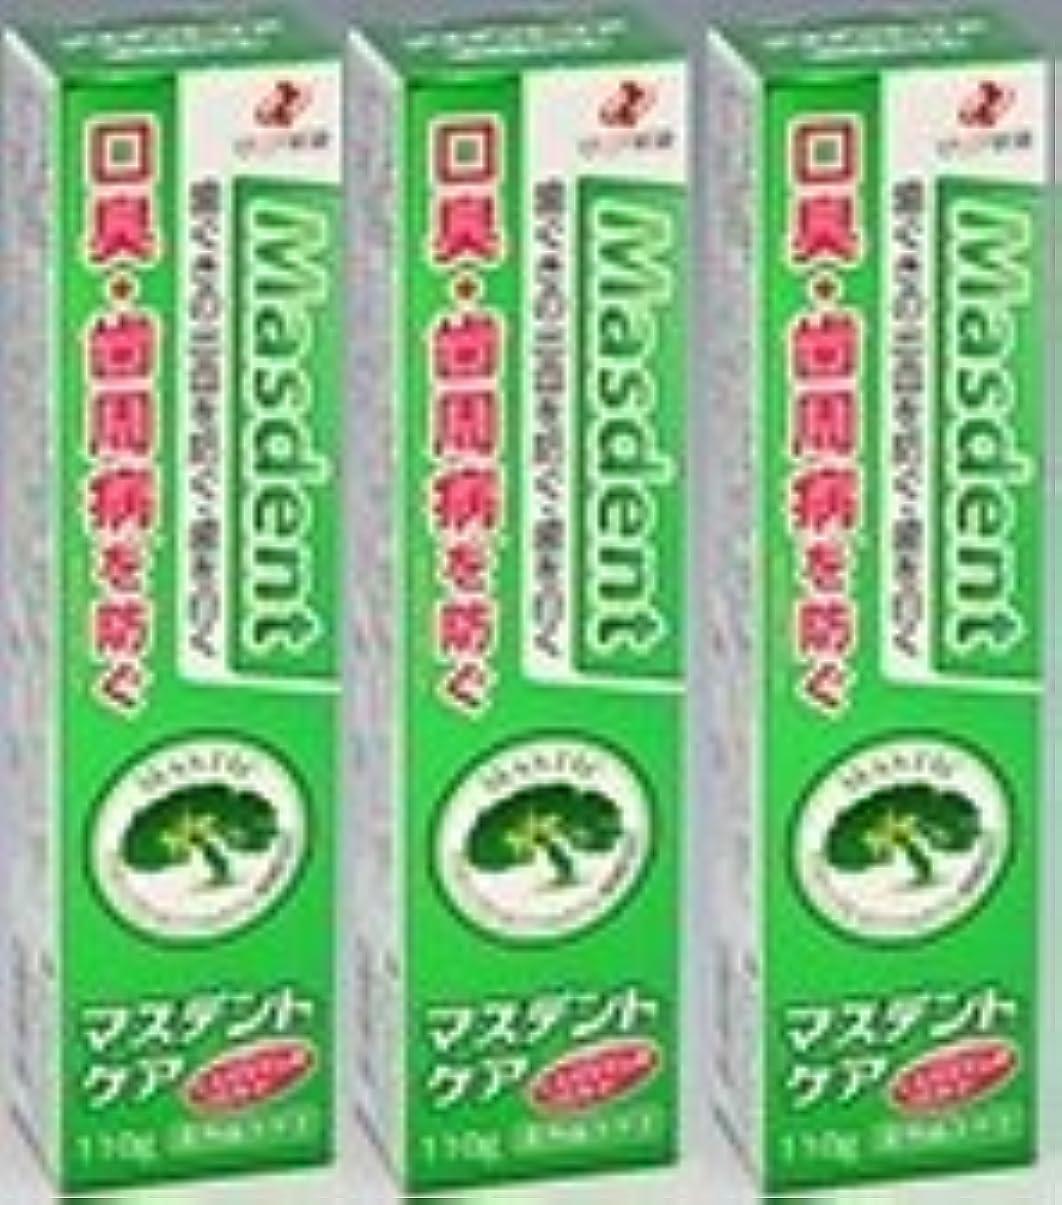 ボウリング違反不規則性薬用歯磨き マスデントケア110g×3本セット